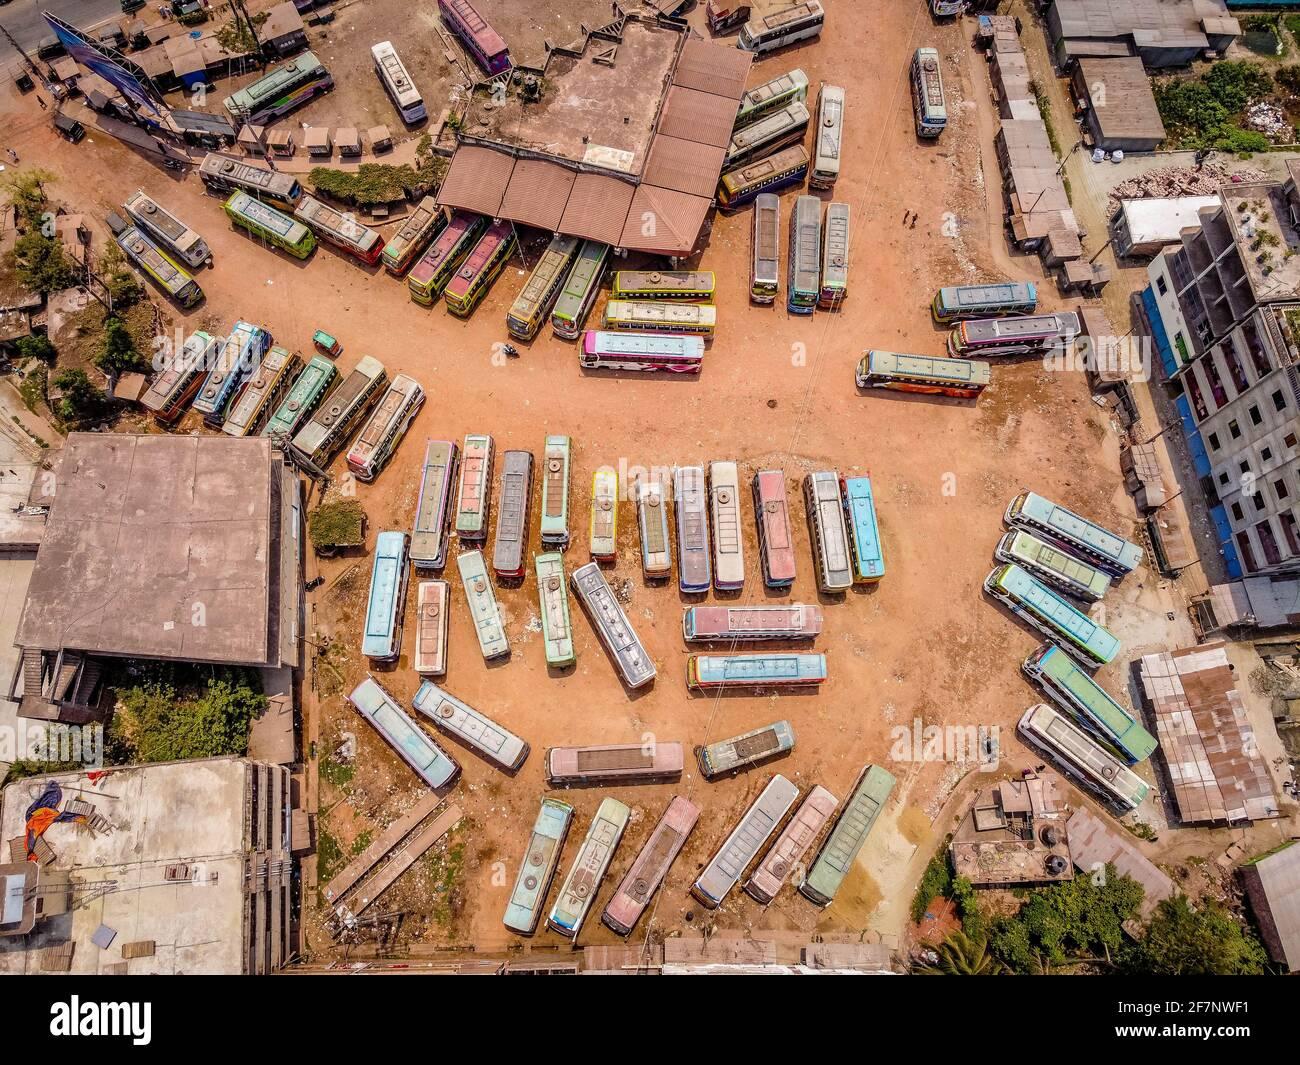 Barishal, Barishal, Bangladesh. 9th de Abr de 2021. Varios autobuses están estacionados en la parada central de autobuses de Barisal, uno de los más ocupados en la región sur del país, durante una semana de cierre nacional de Covid que comenzó el lunes Crédito: Mustasinur Rahman Alvi/ZUMA Wire/Alamy Live News Foto de stock